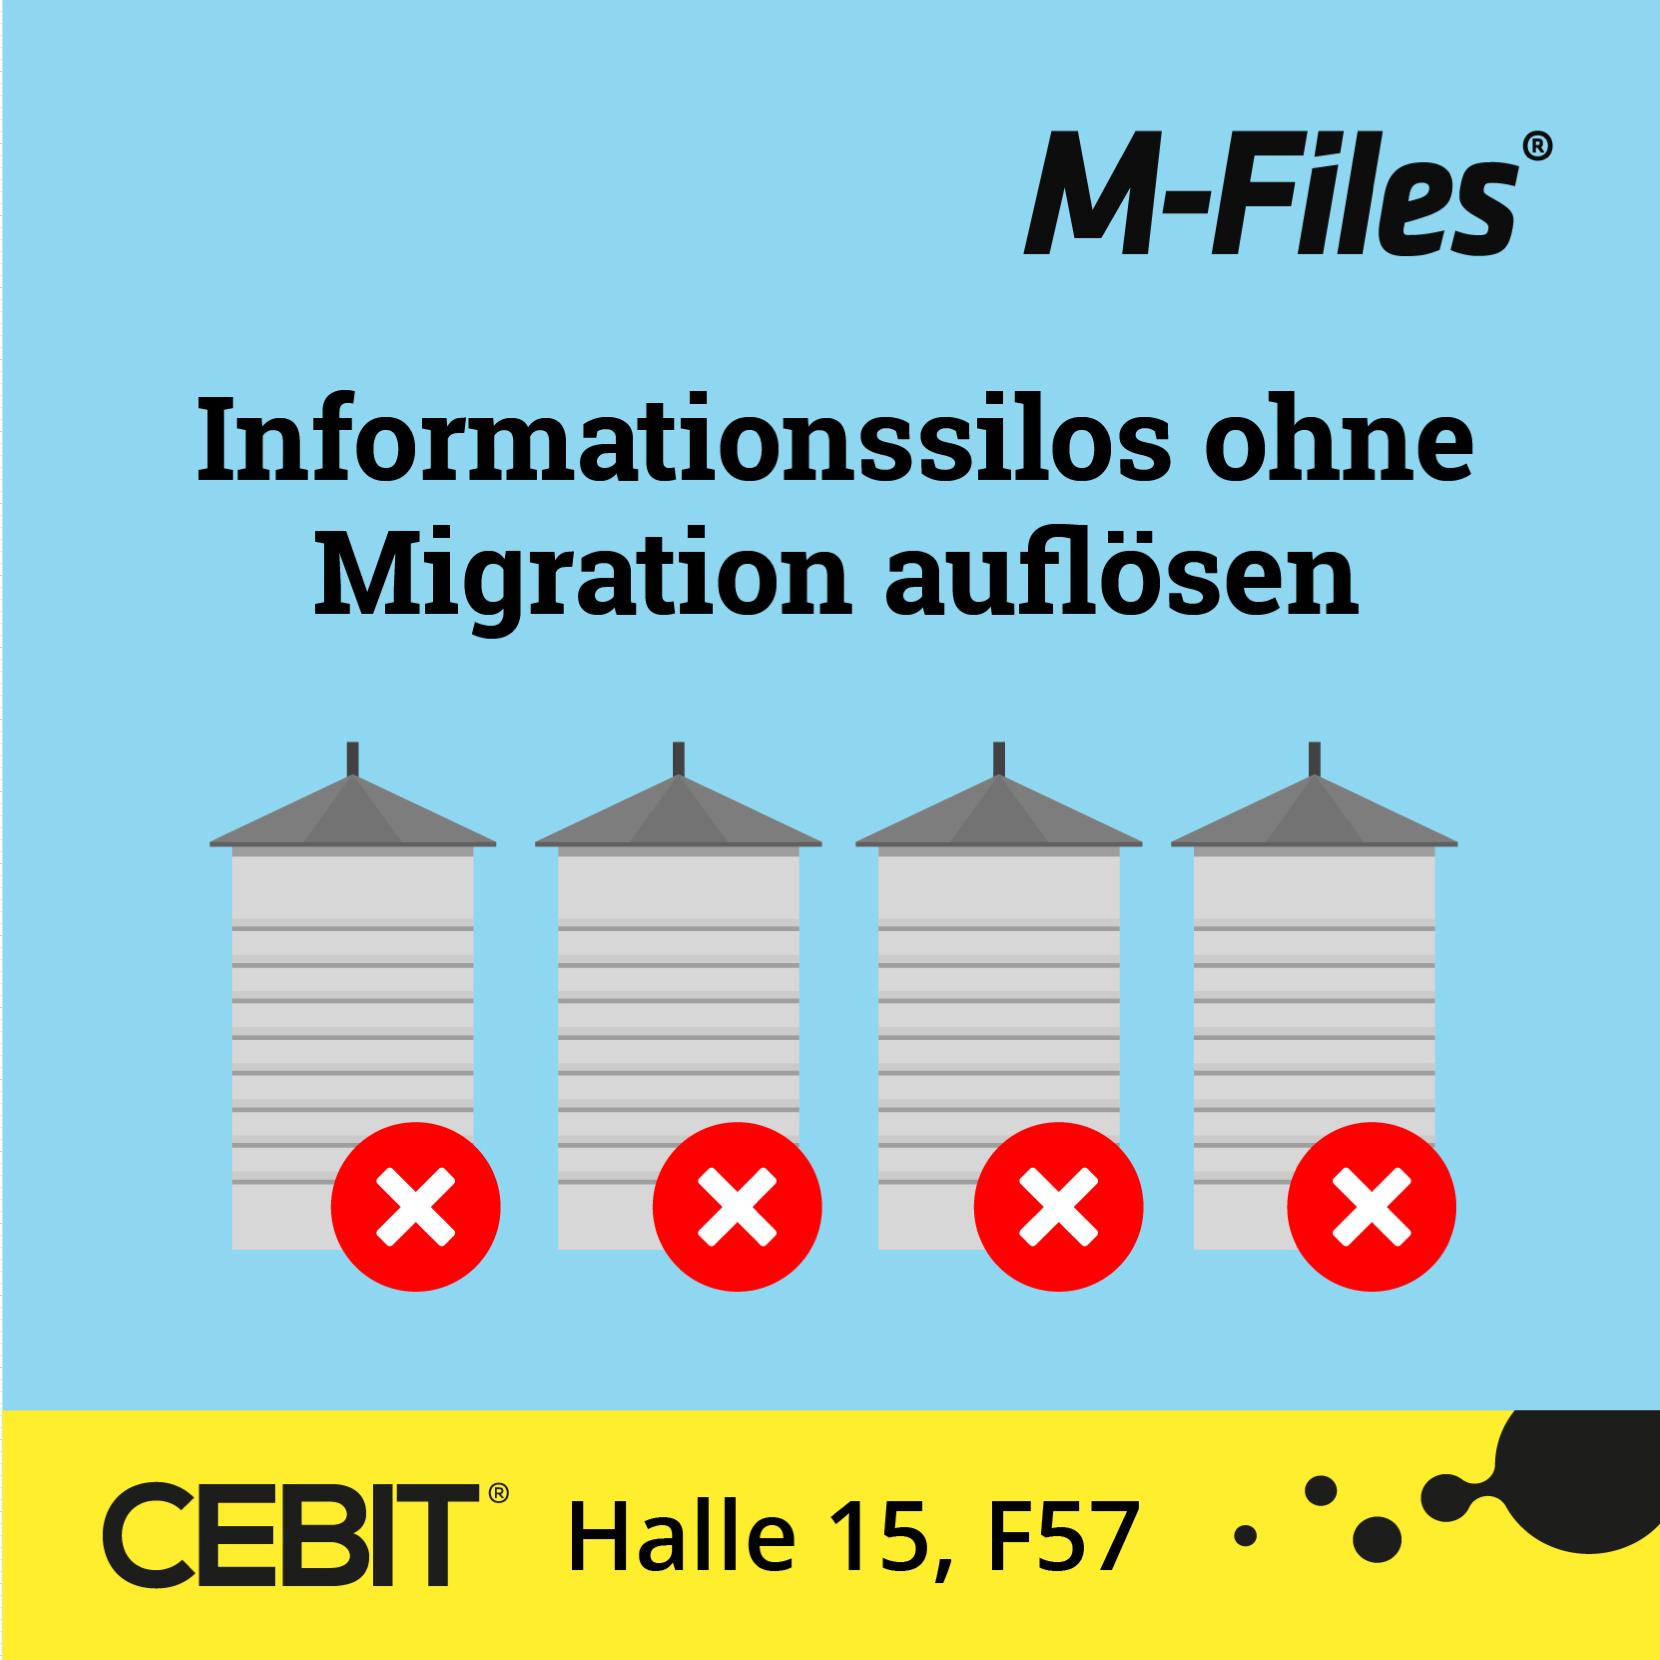 M-Files auf der CEBIT 2018: Das Ende der Infosilos